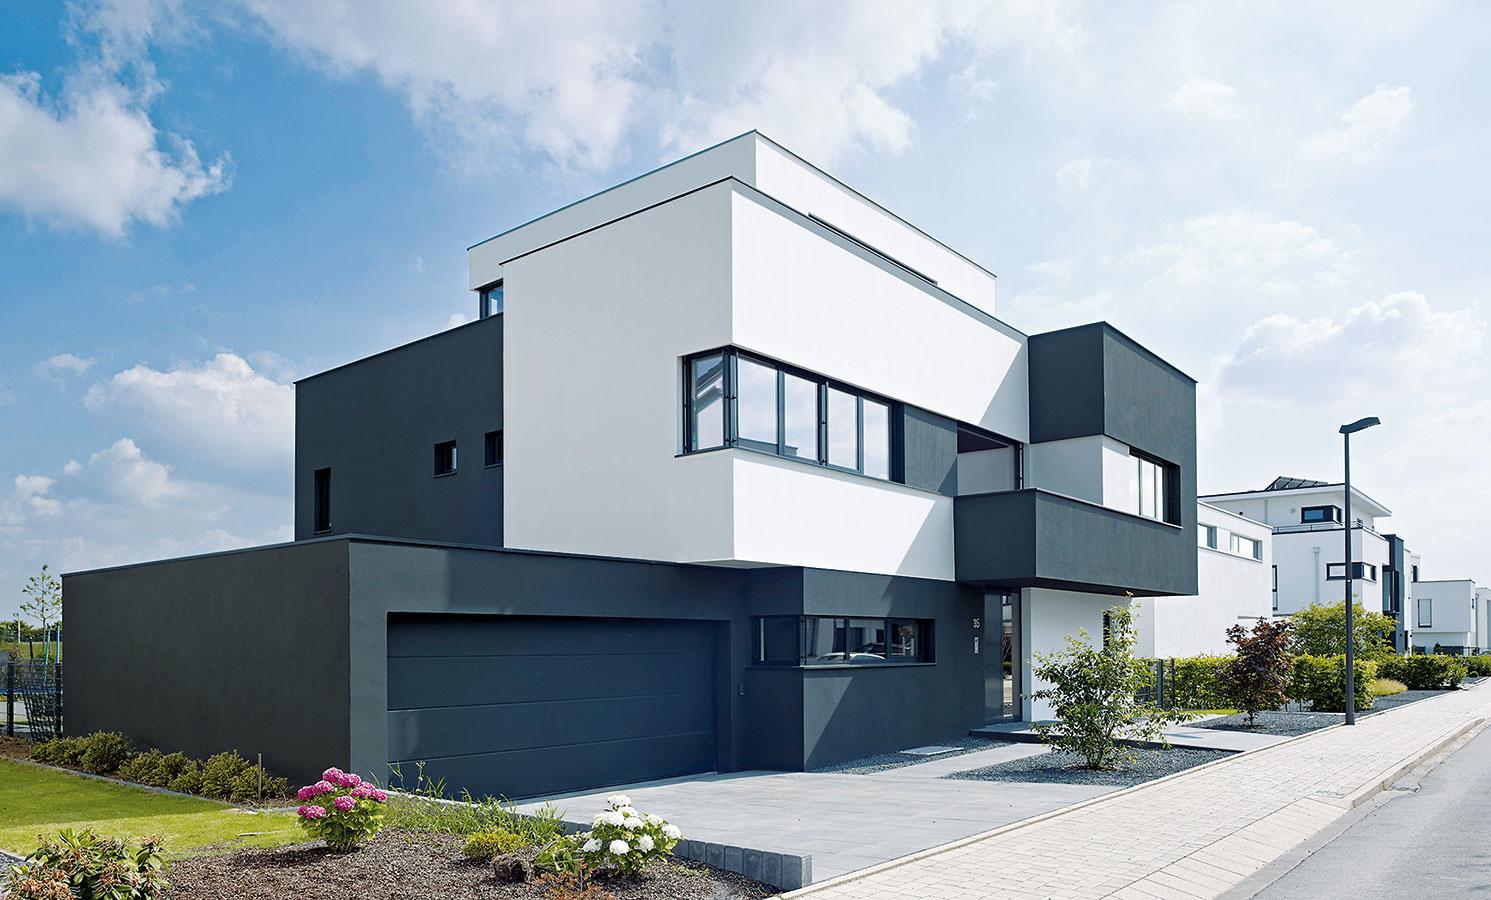 Skulpturálna architektúra. Opôsobivý vzhľad rodinného domu na predmestí Kolína nad Rýnom sa postarala architektonická koncepcia založená na plastickej skulpturálnosti – zo základného hranola srozmermi 12,5 × 13,5 × 6,5 m vyčnievajú ďalšie kubické elementy. (Pohľad zulice)